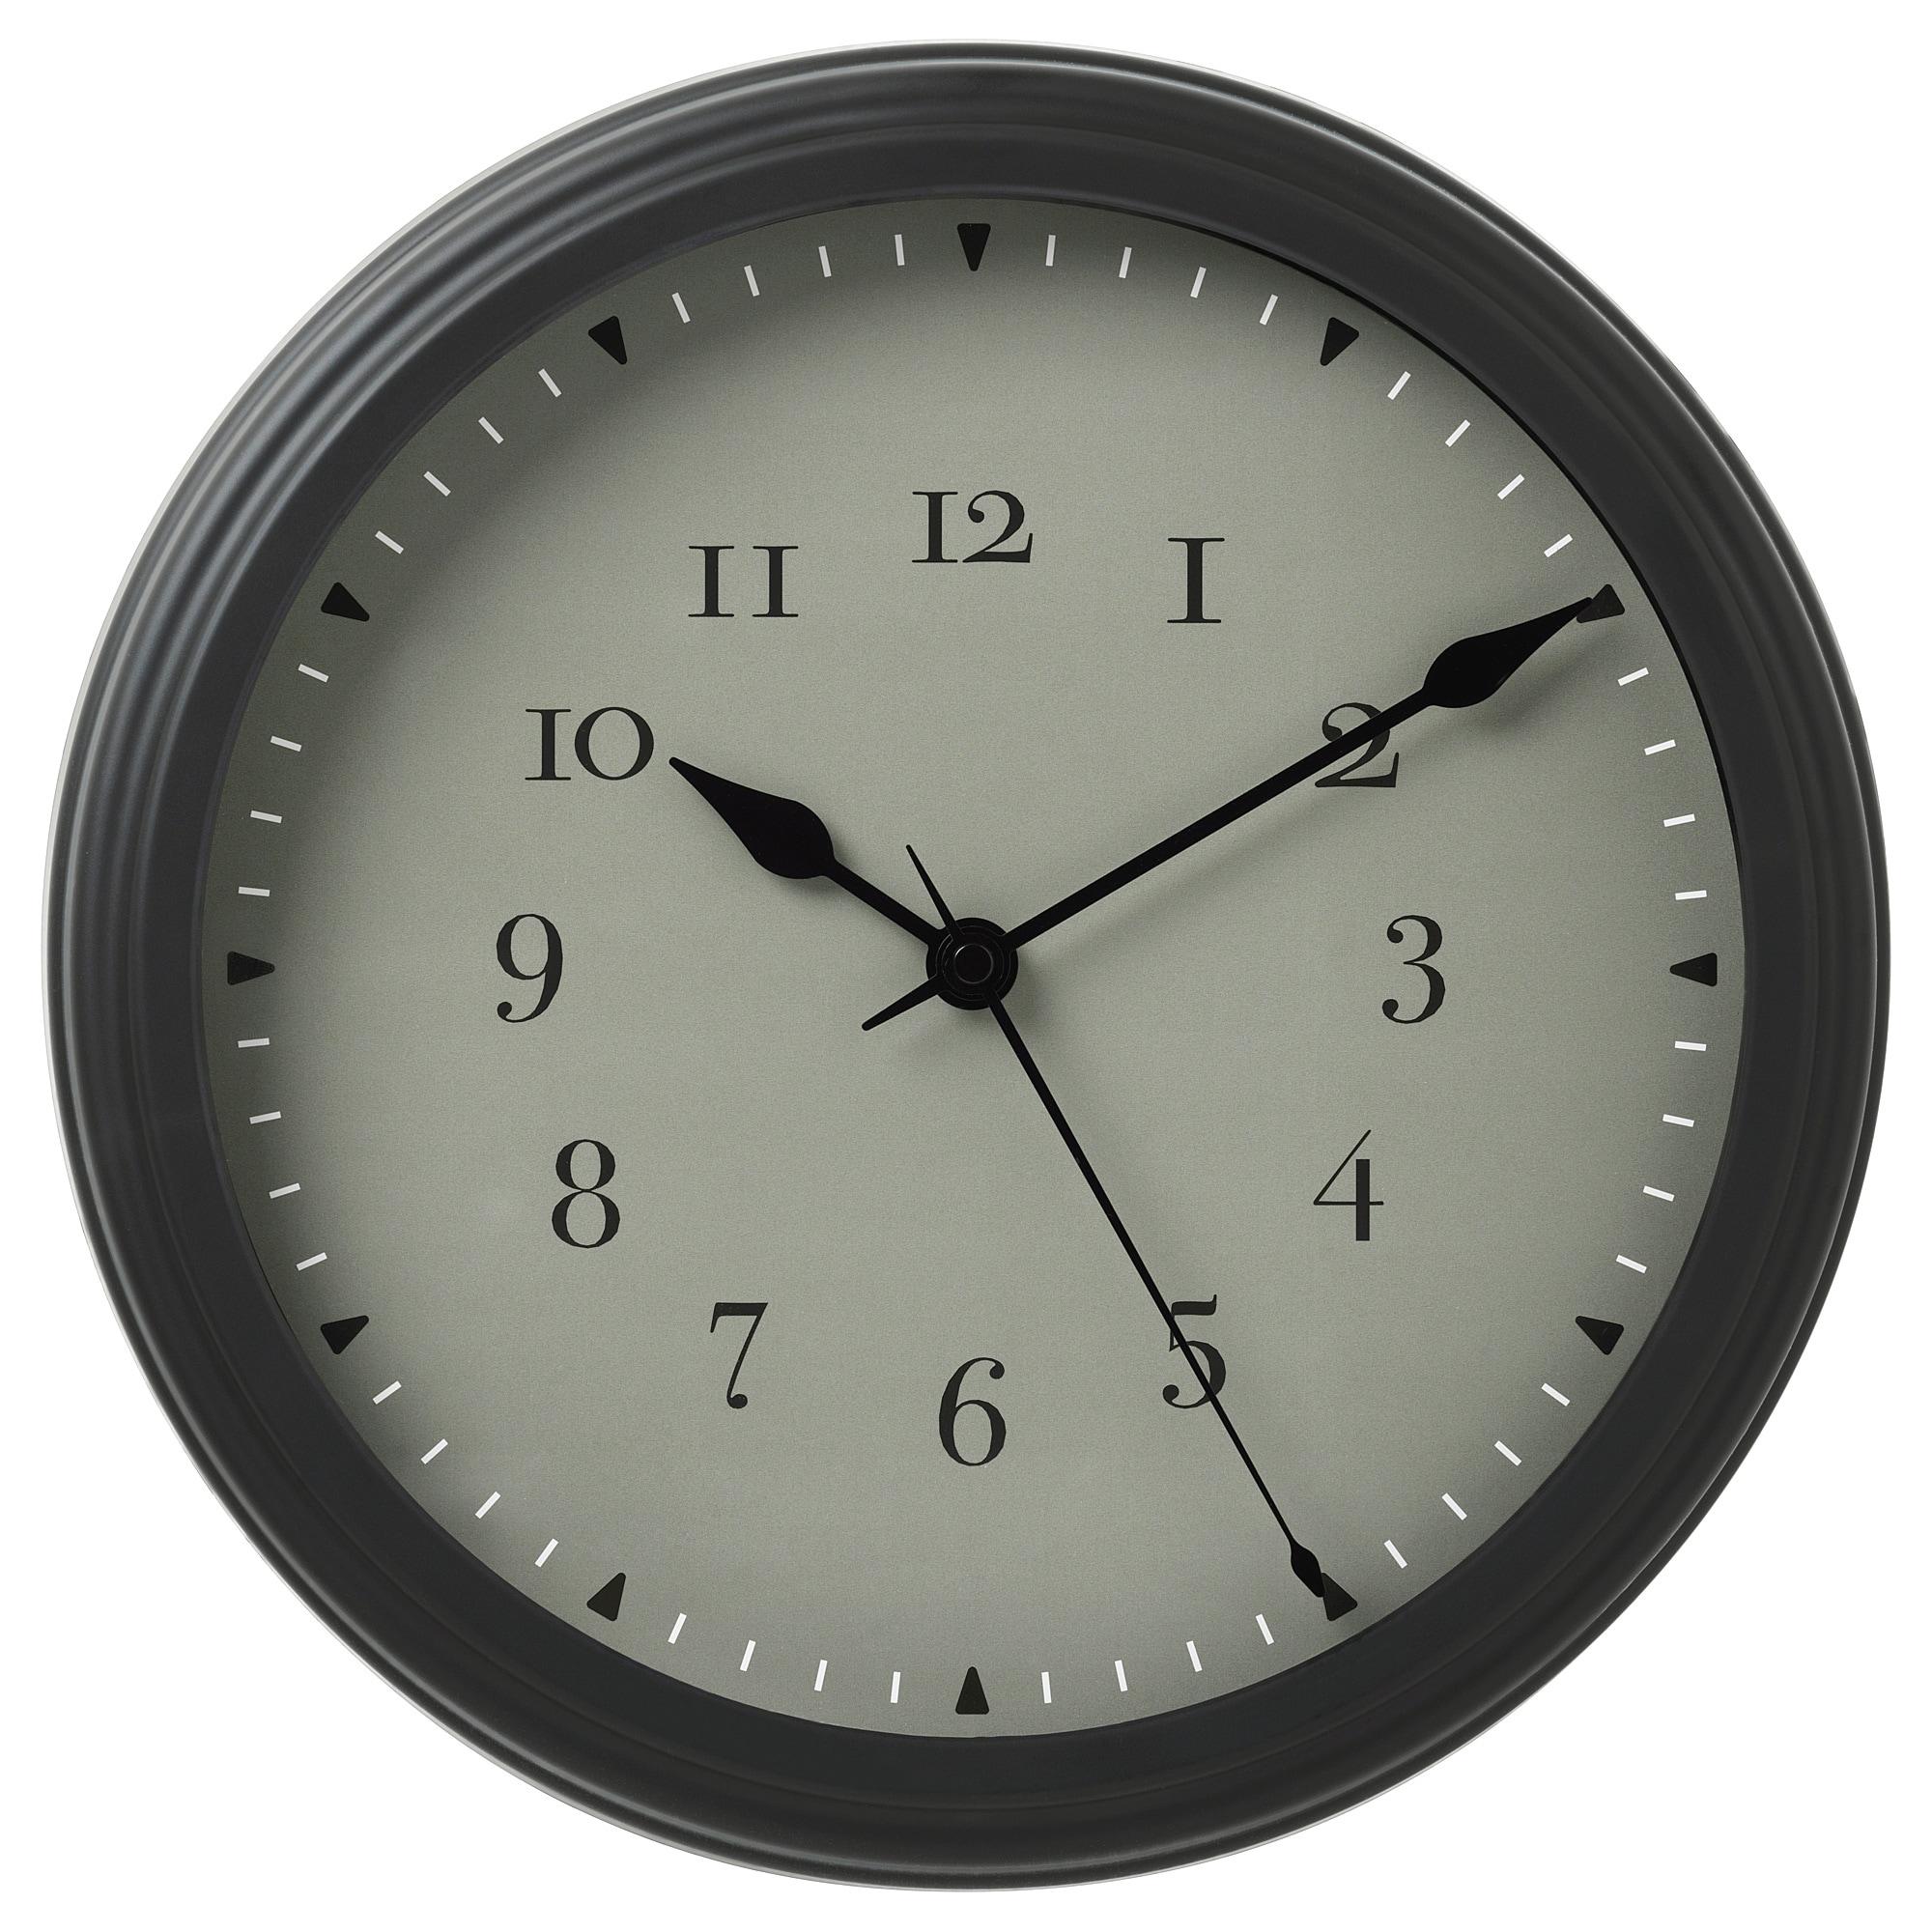 Настенные часы ВИСШАН артикуль № 603.741.43 в наличии. Интернет сайт IKEA Беларусь. Быстрая доставка и установка.